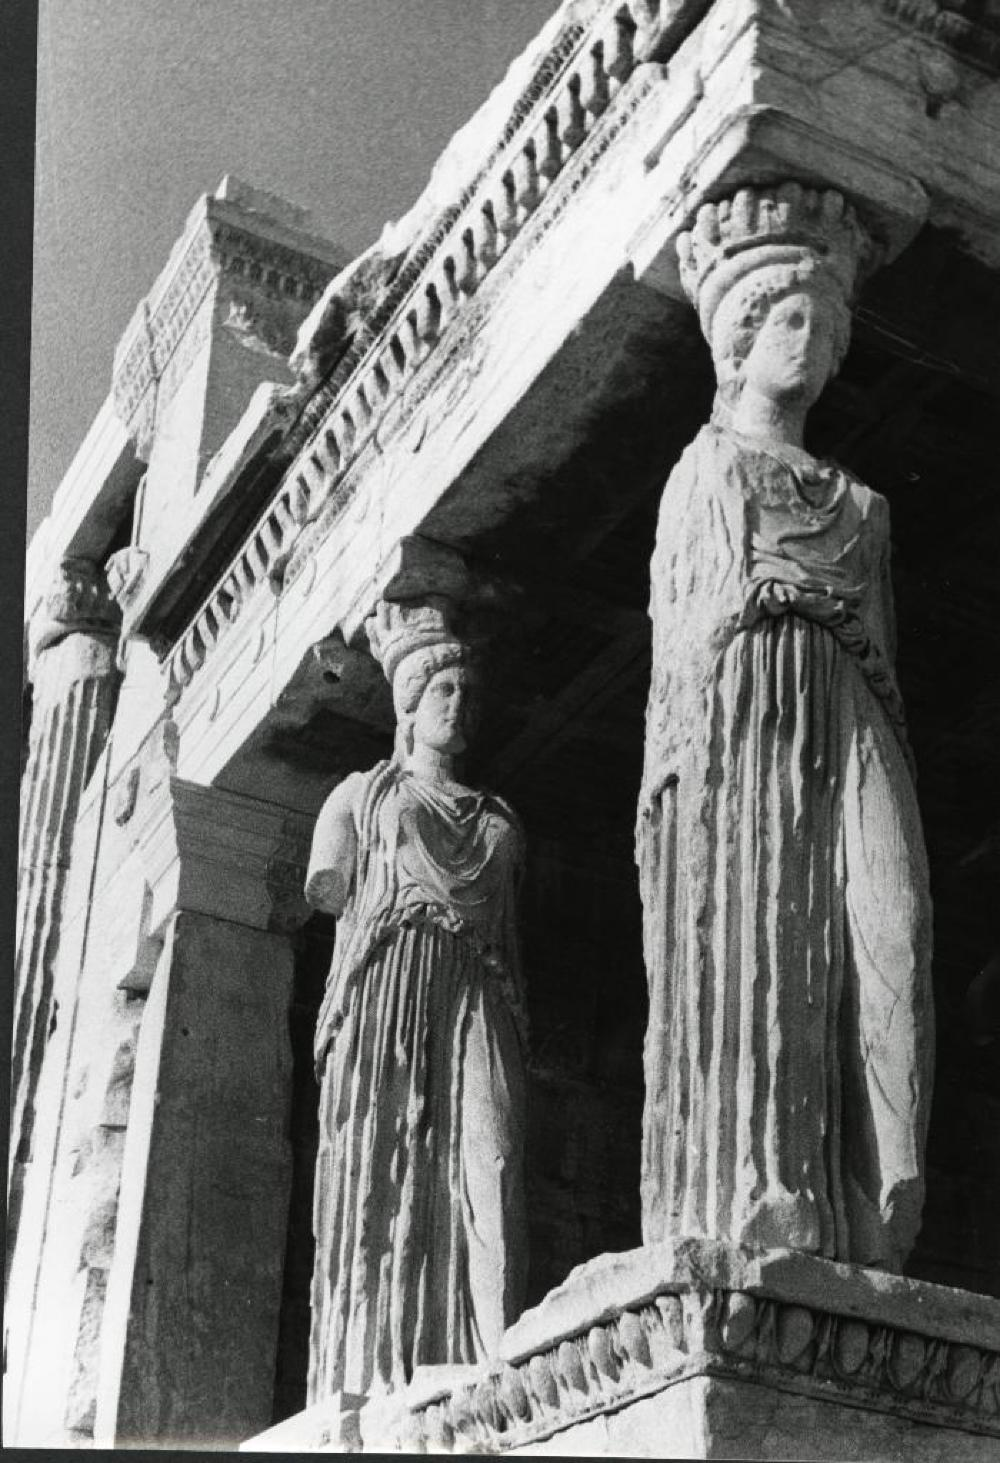 Porch of Caryatids, Erechtheion, Acropolis, Athens, Greece